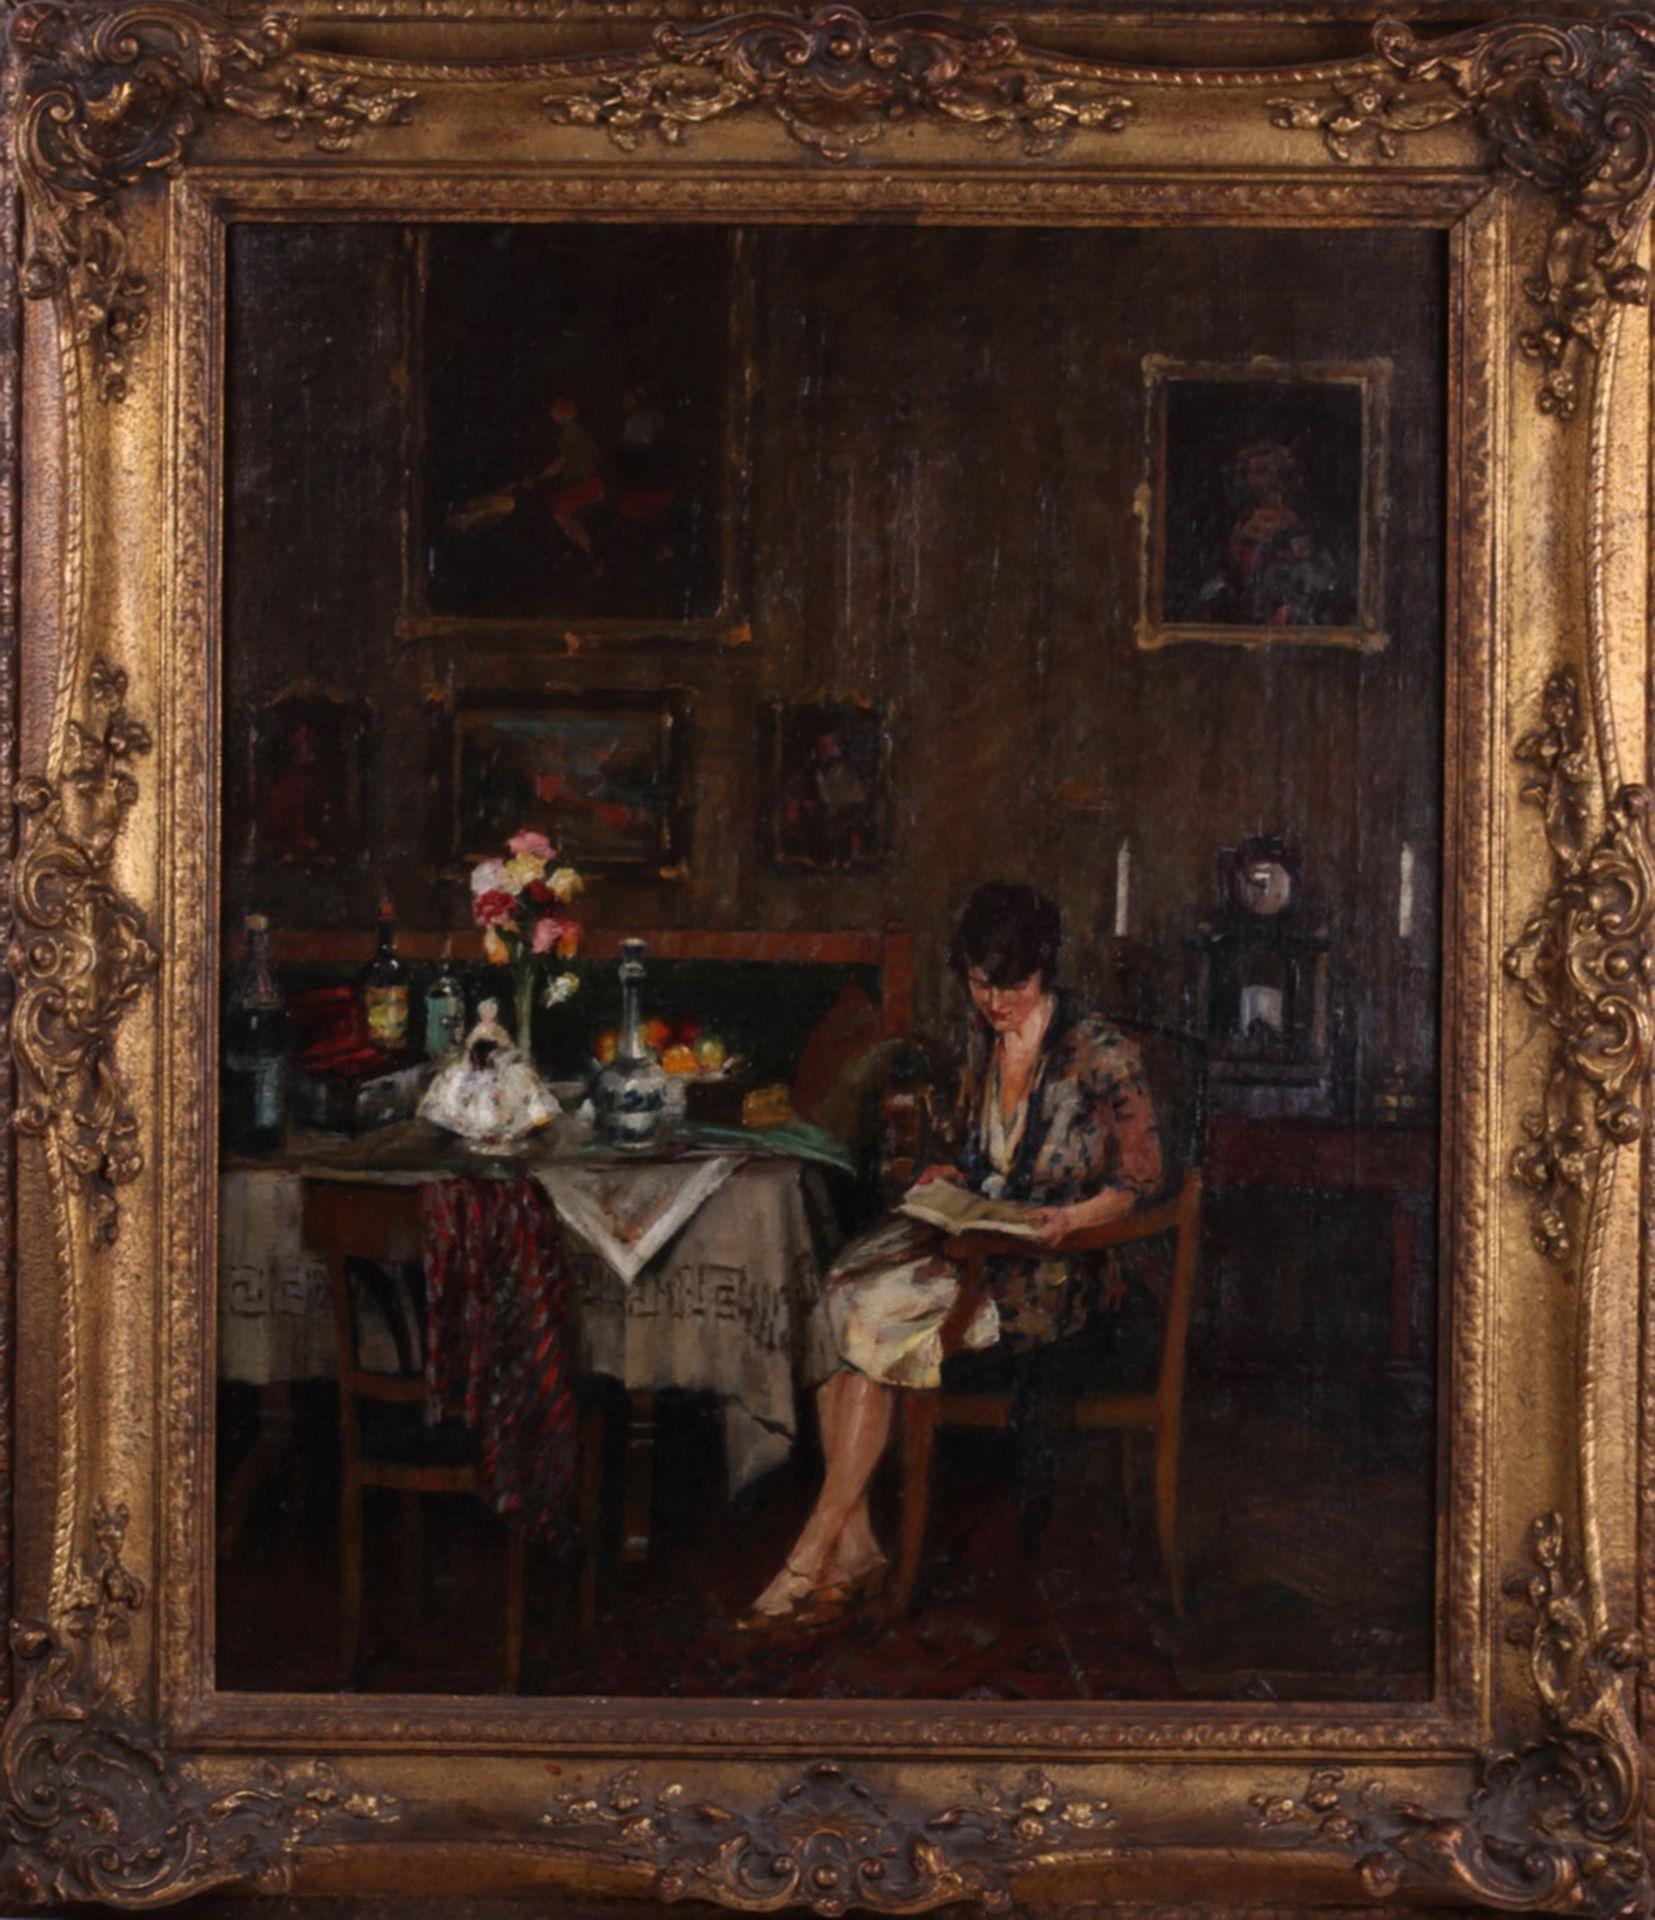 Charles Vetter (1858-1936). Genre scene in the living room. 1930. <br>Oil on canvas. 61x51 cm. Frame - Bild 3 aus 3